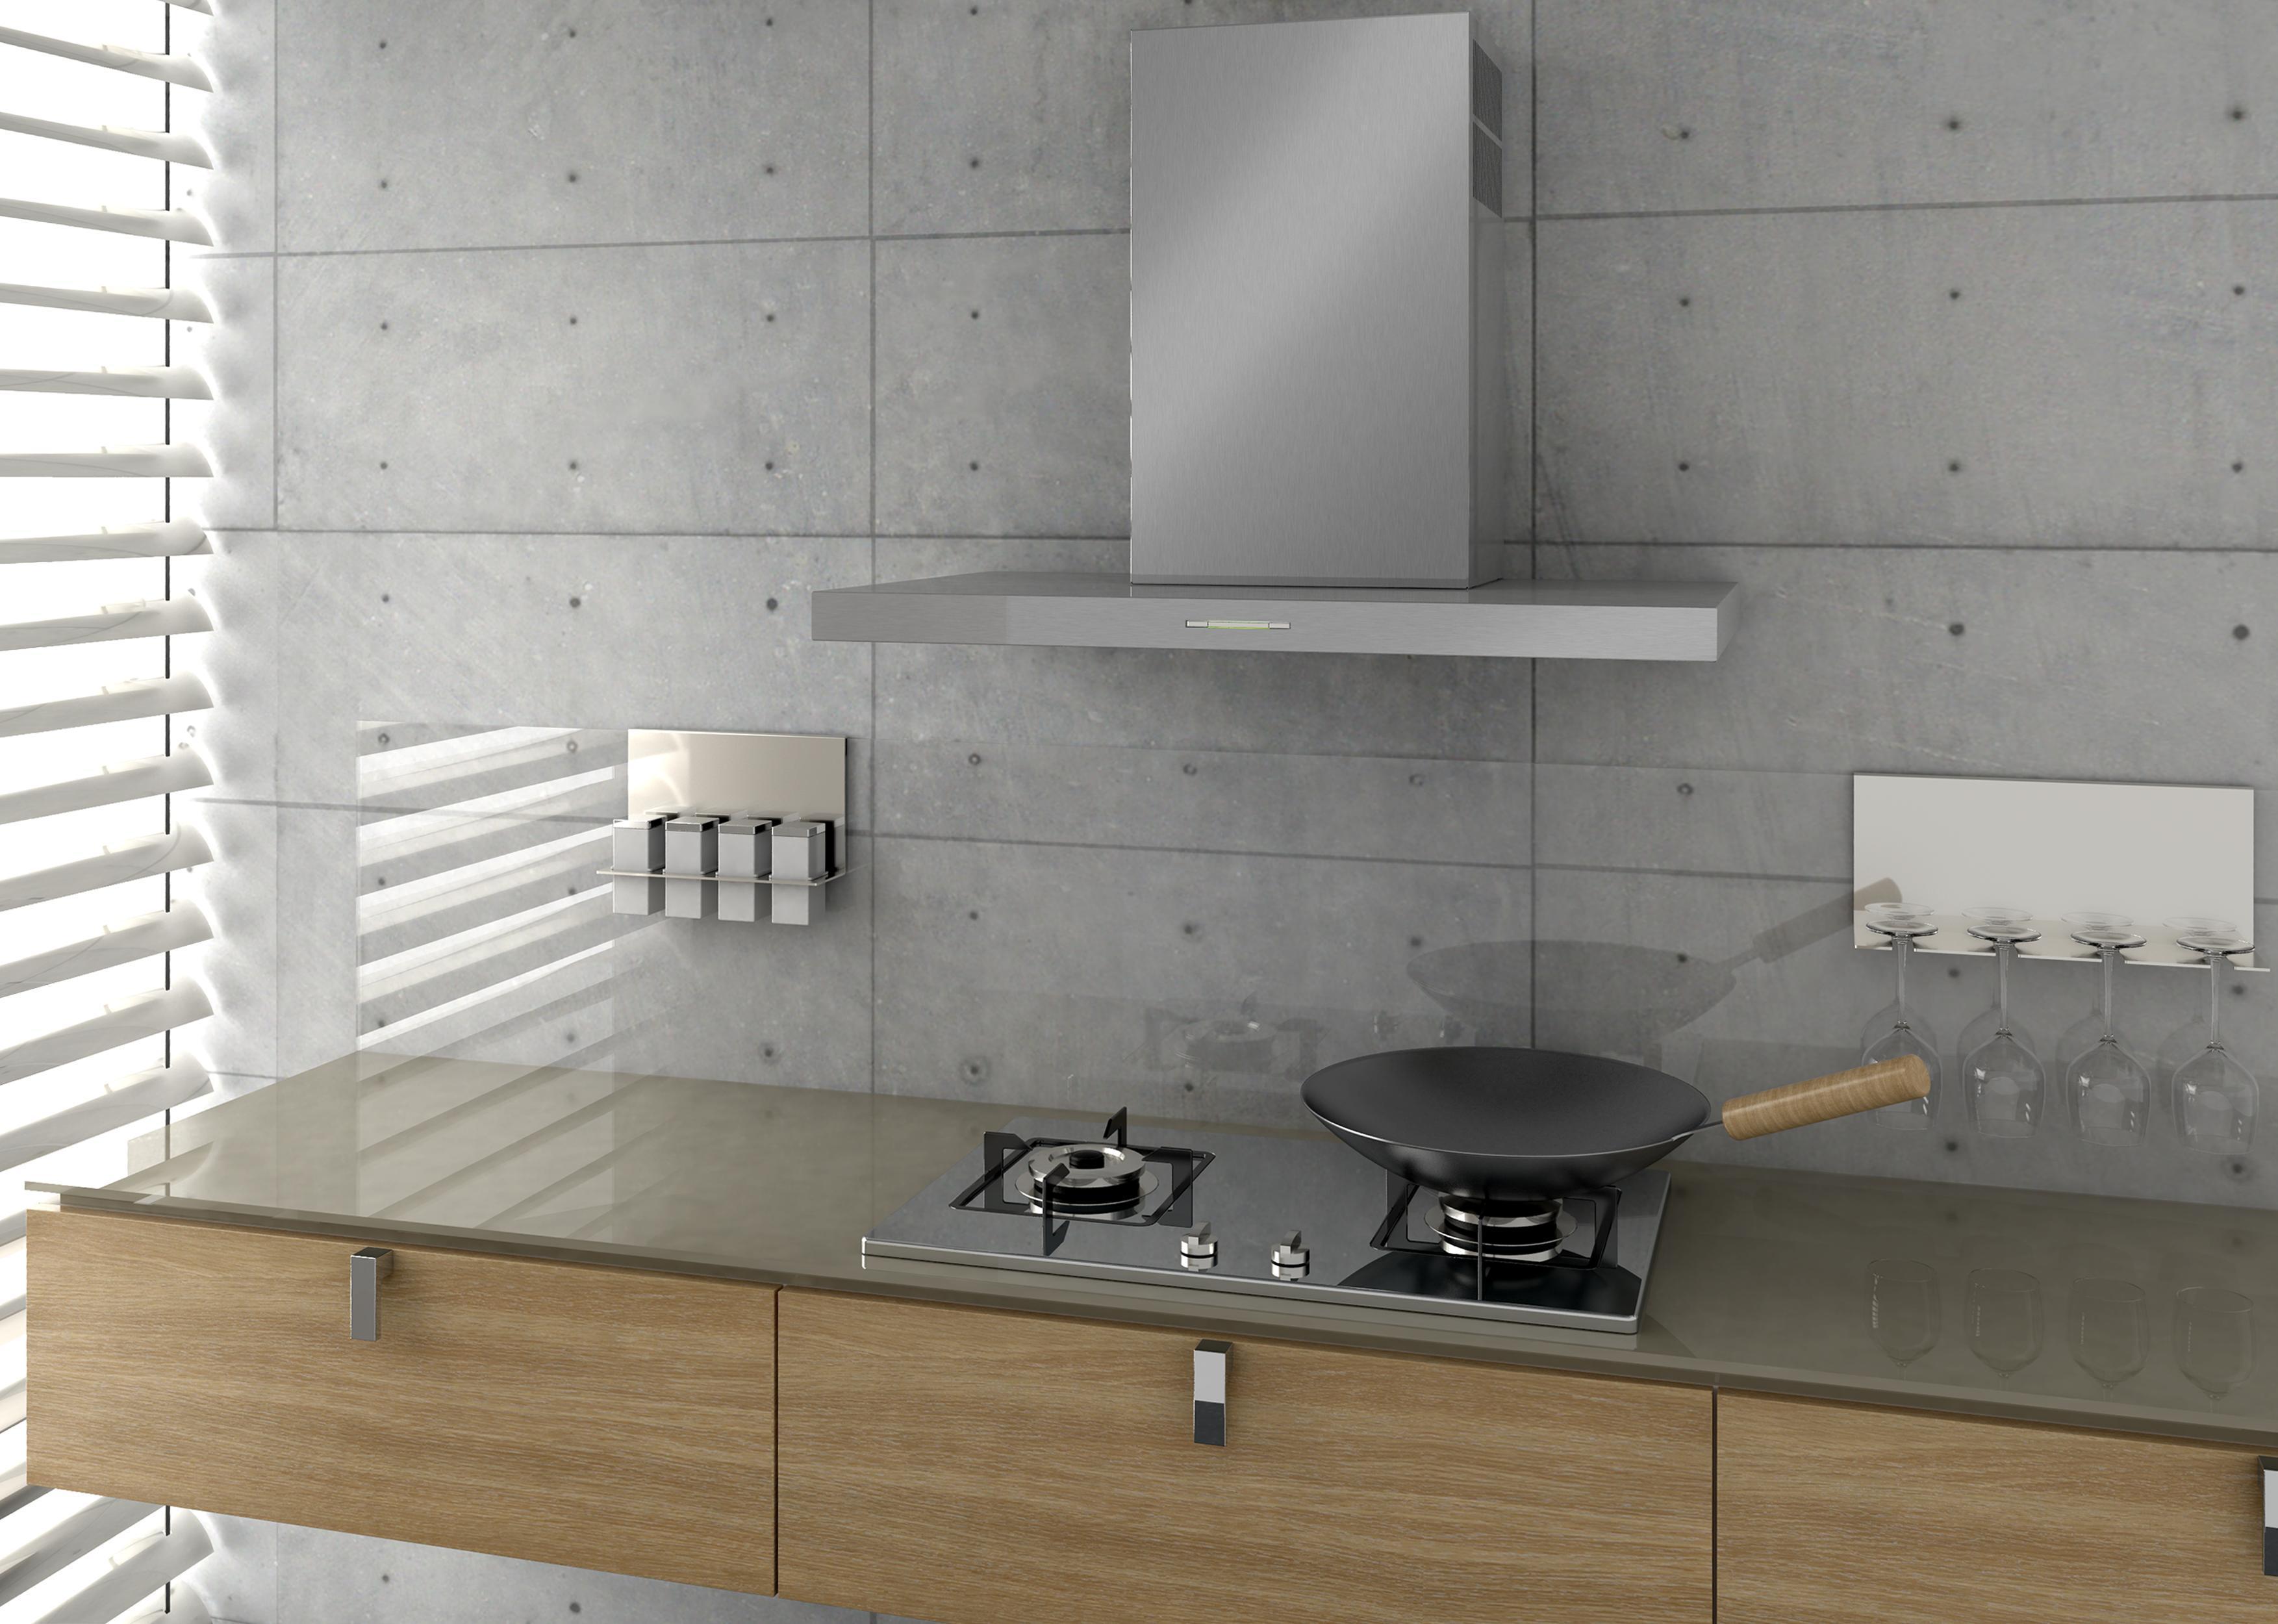 Dunstabzugshaube für offene küche abschlussleisten küche kidkraft